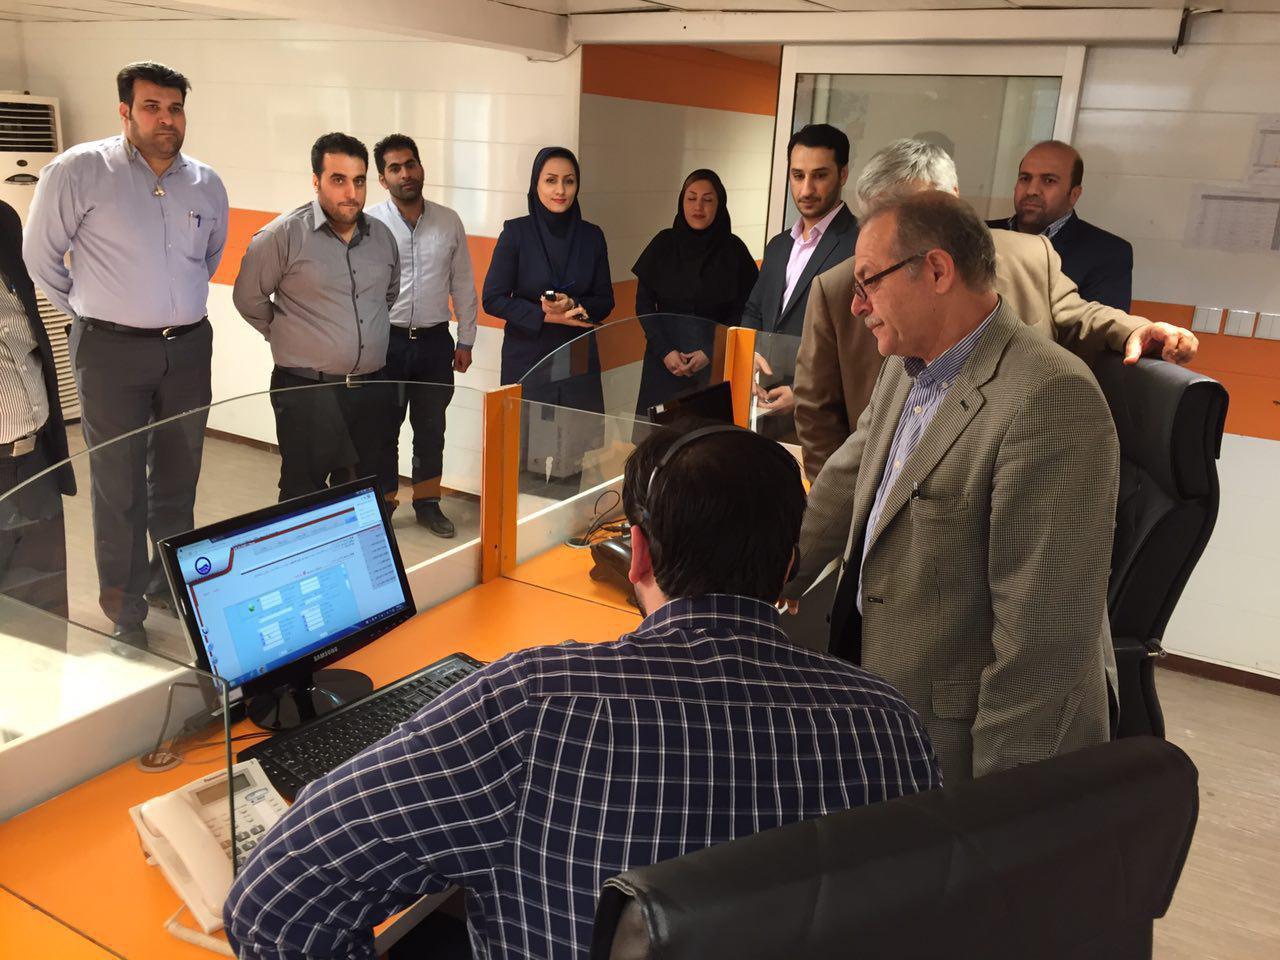 مدیرعامل جدید شرکت آبفا اهواز خبر داد: ارتقاء ظرفیت پاسخگویی سامانه ارتباطات مردمی شرکت آبفا اهواز